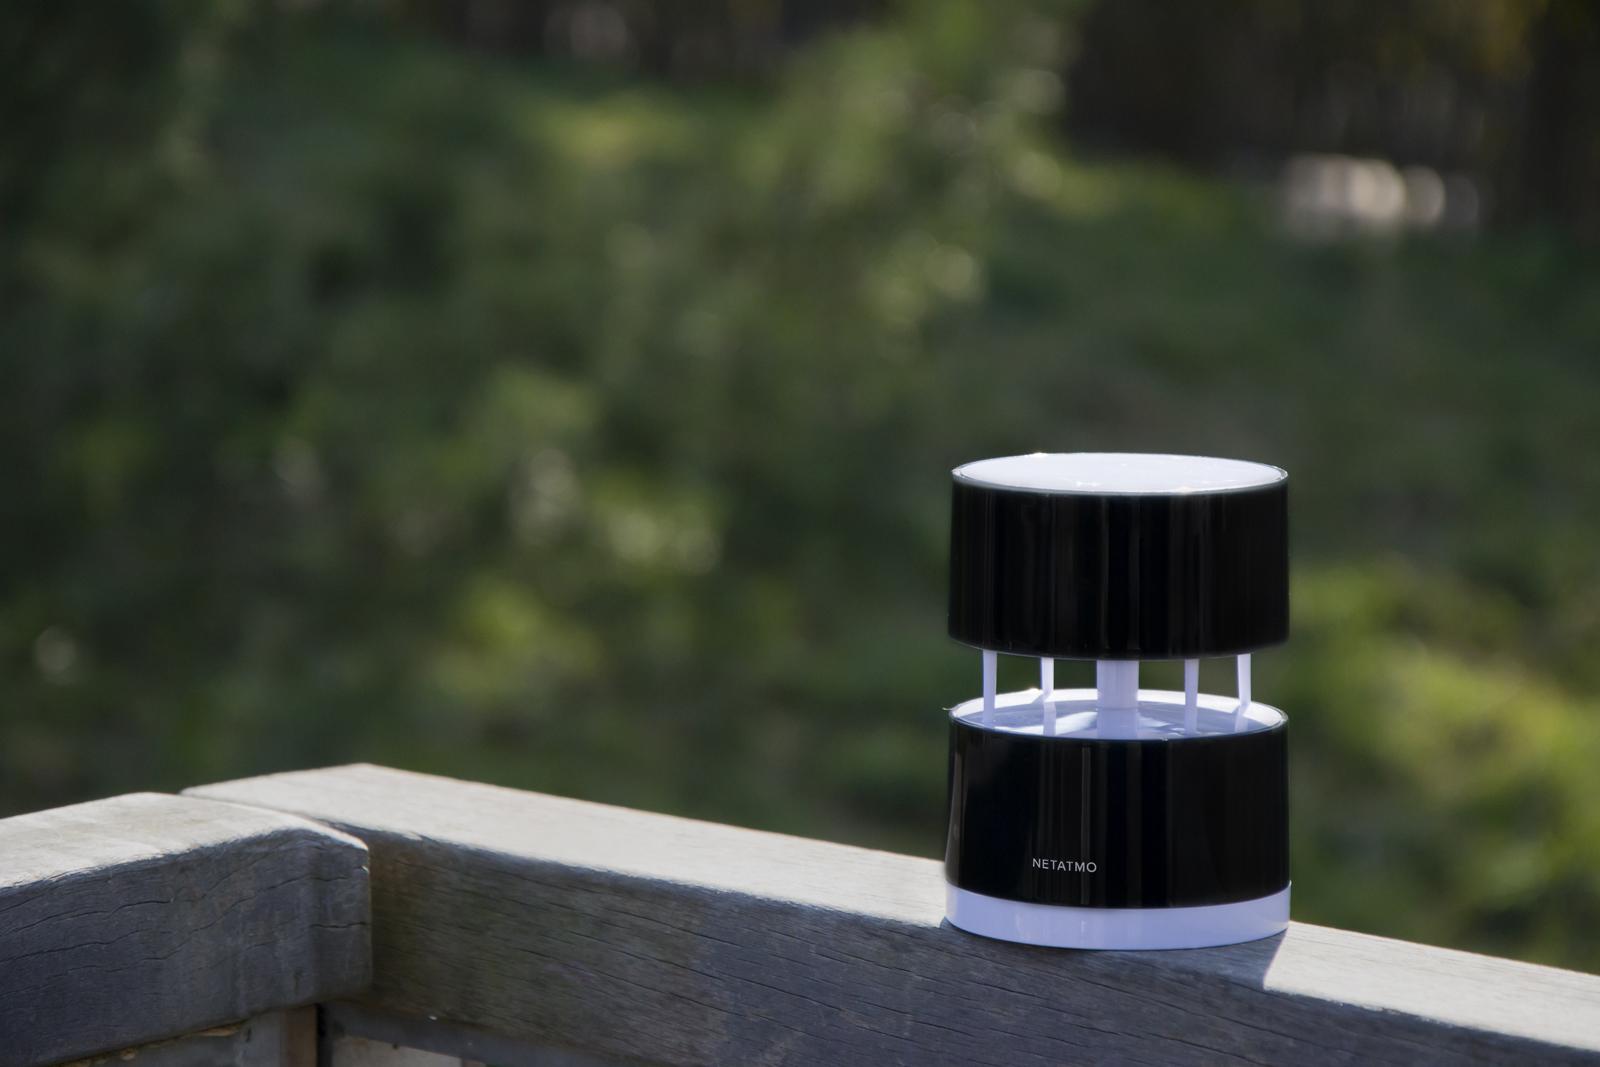 une station m t o dans son jardin avec netatmo dkomag. Black Bedroom Furniture Sets. Home Design Ideas